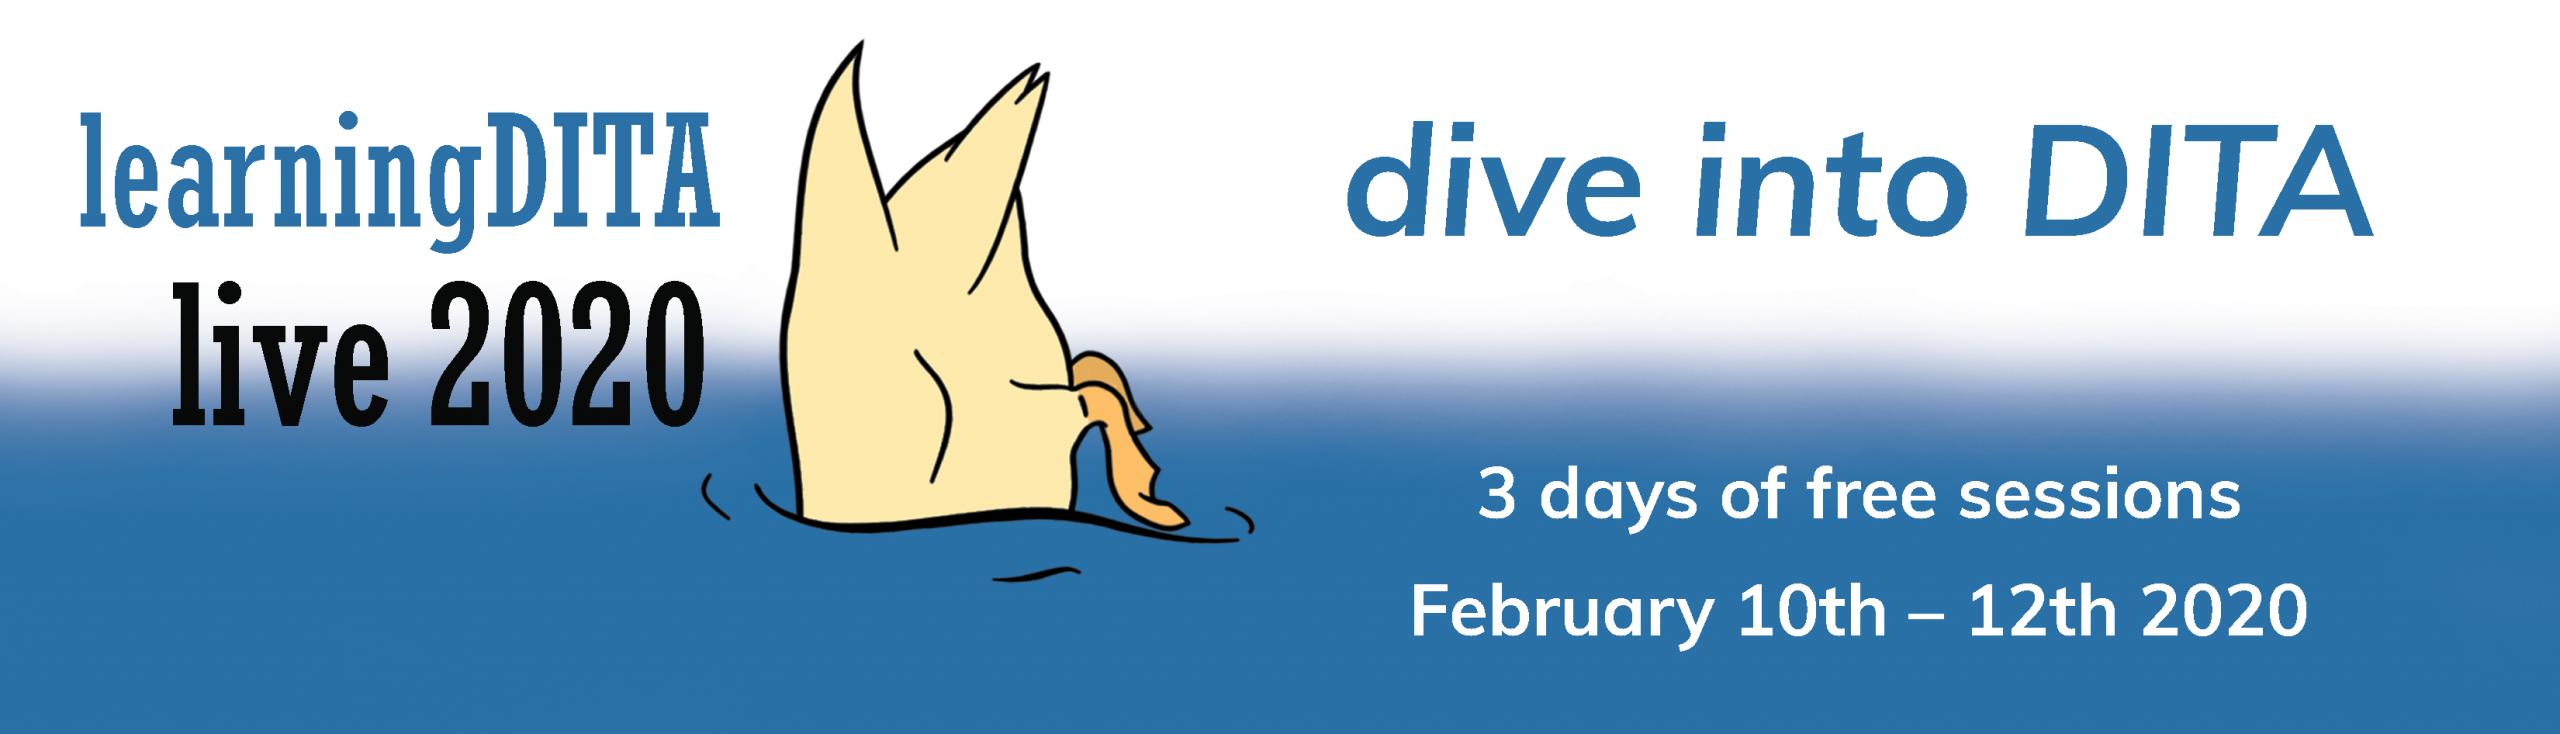 dive into DITA: LearningDITA Live 2020